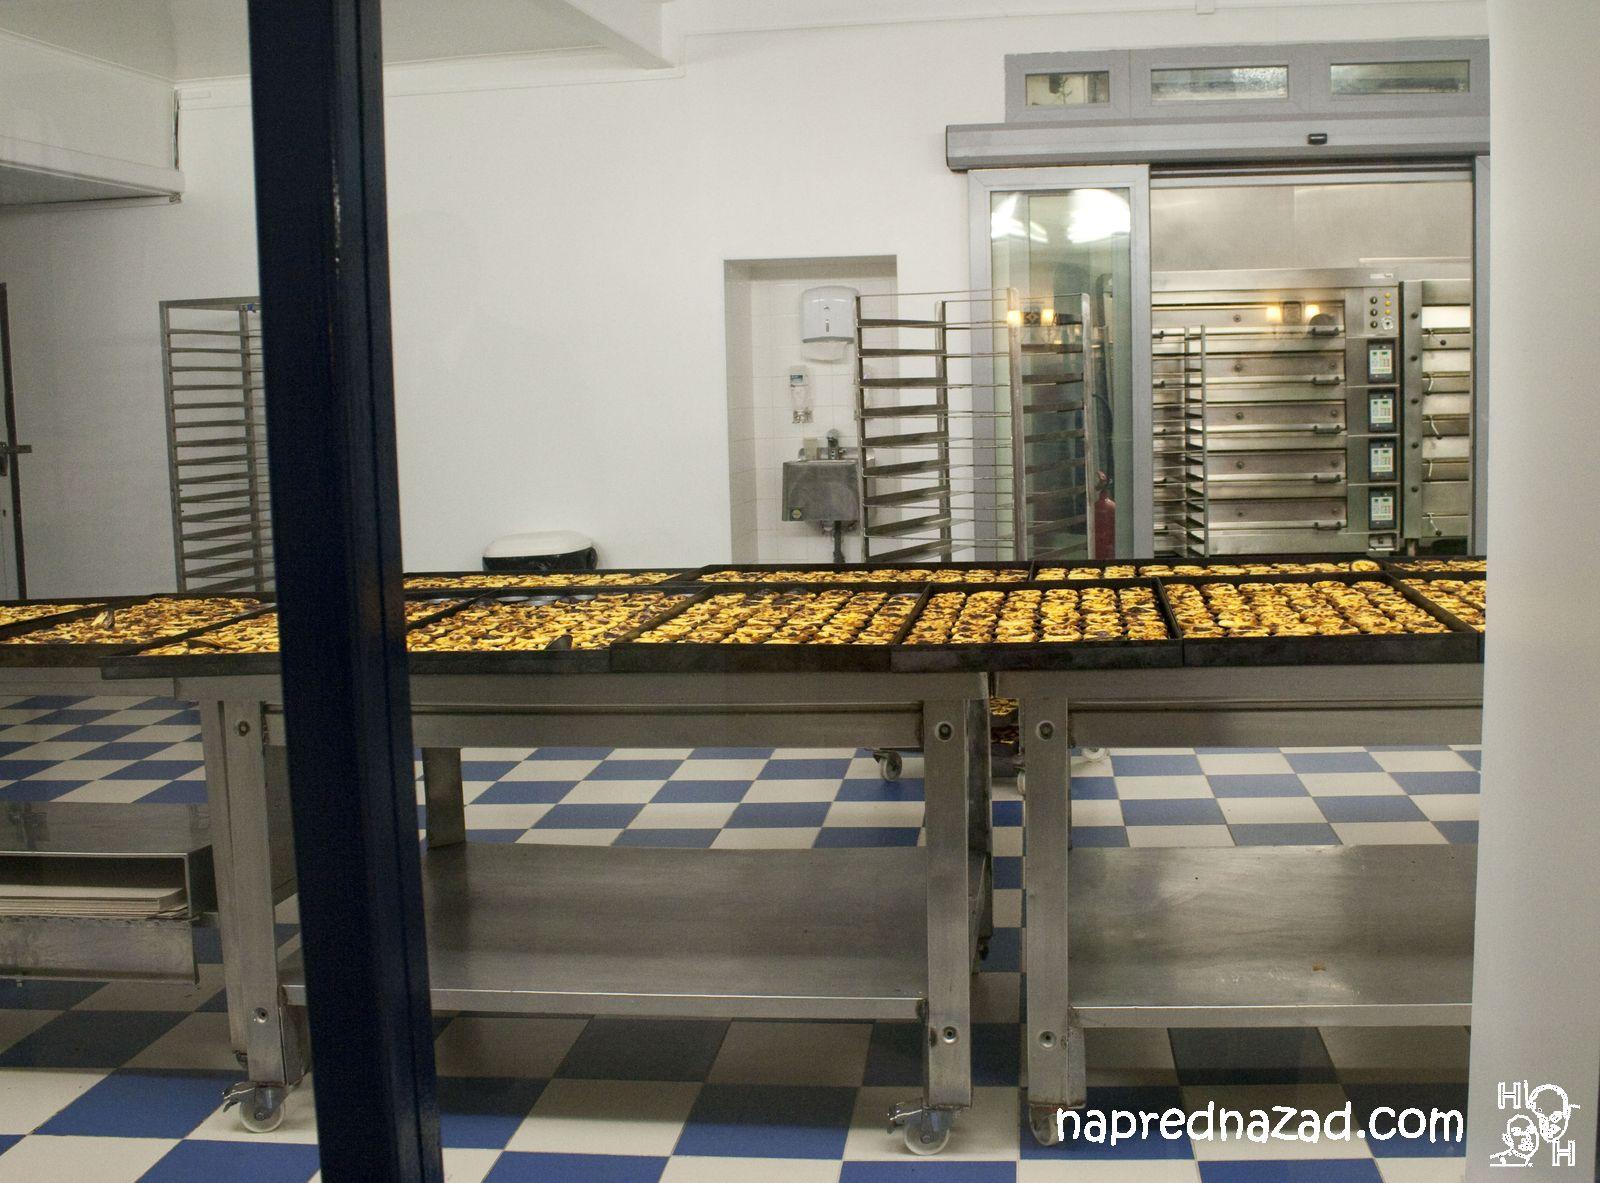 Редове с готови десерти - Pasteis de Belém